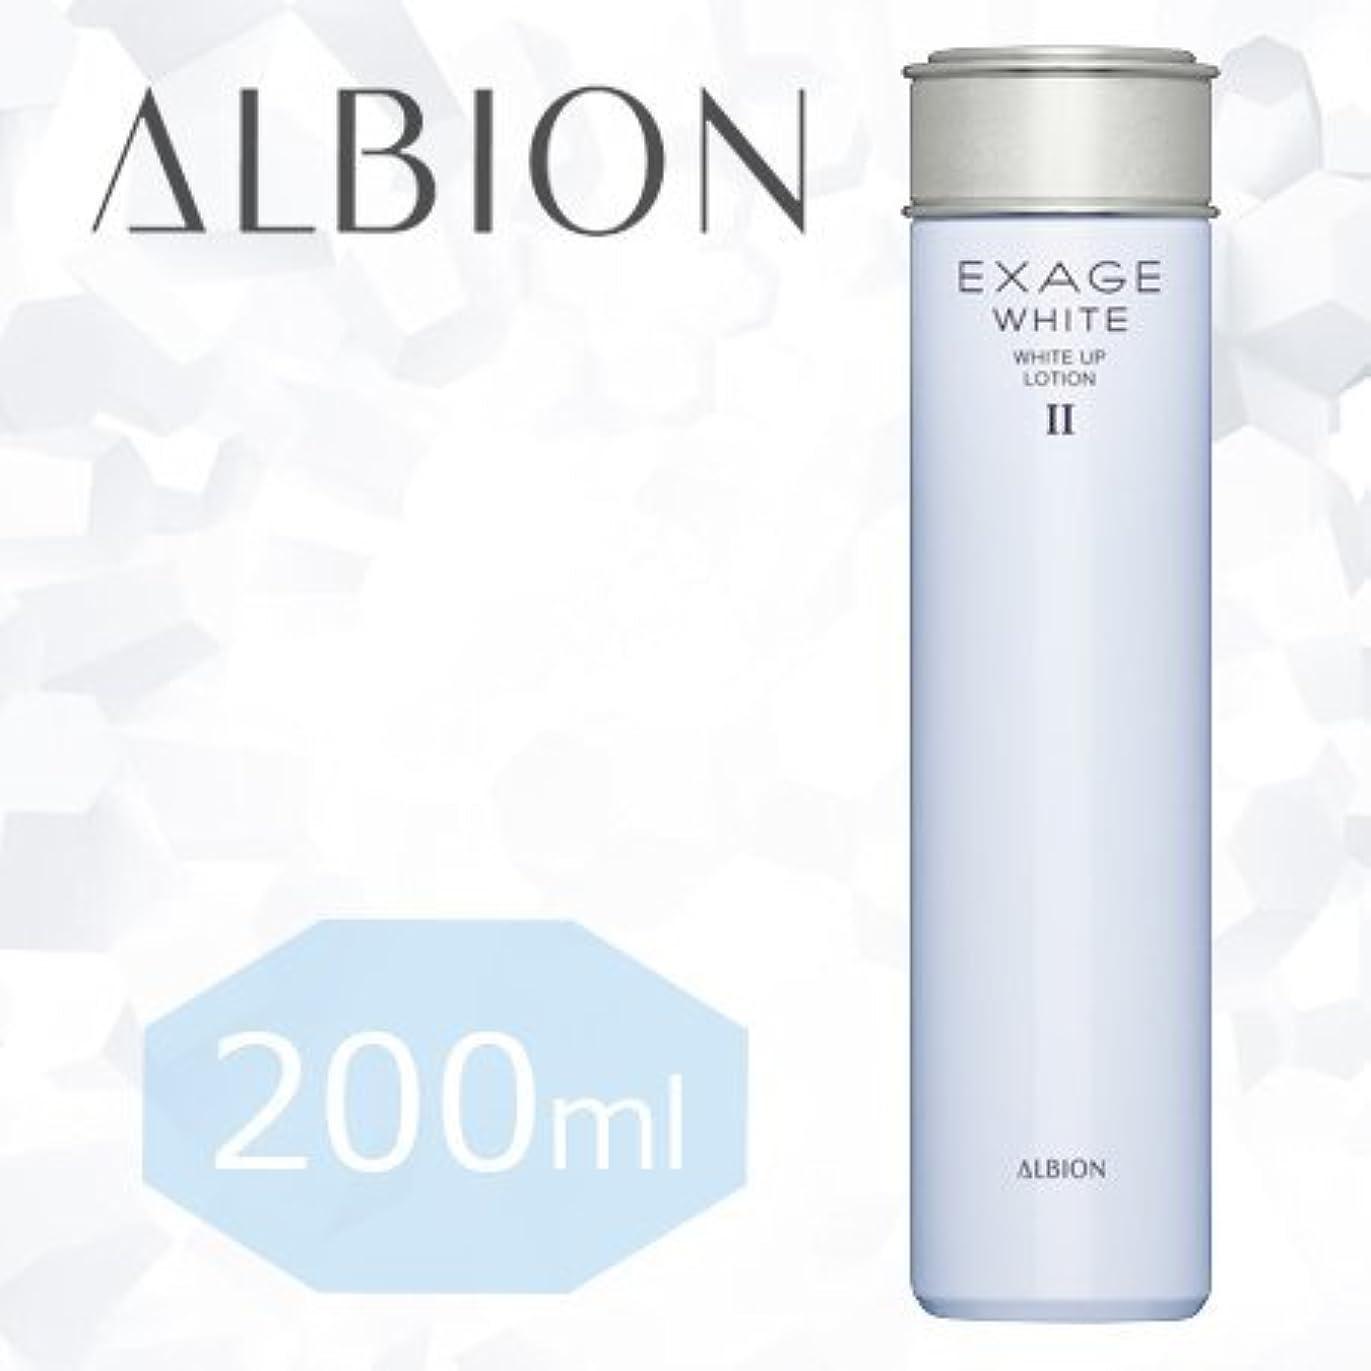 炭素副産物送るアルビオン エクサージュホワイト ホワイトアップ ローションII(医薬部外品)《200ml》